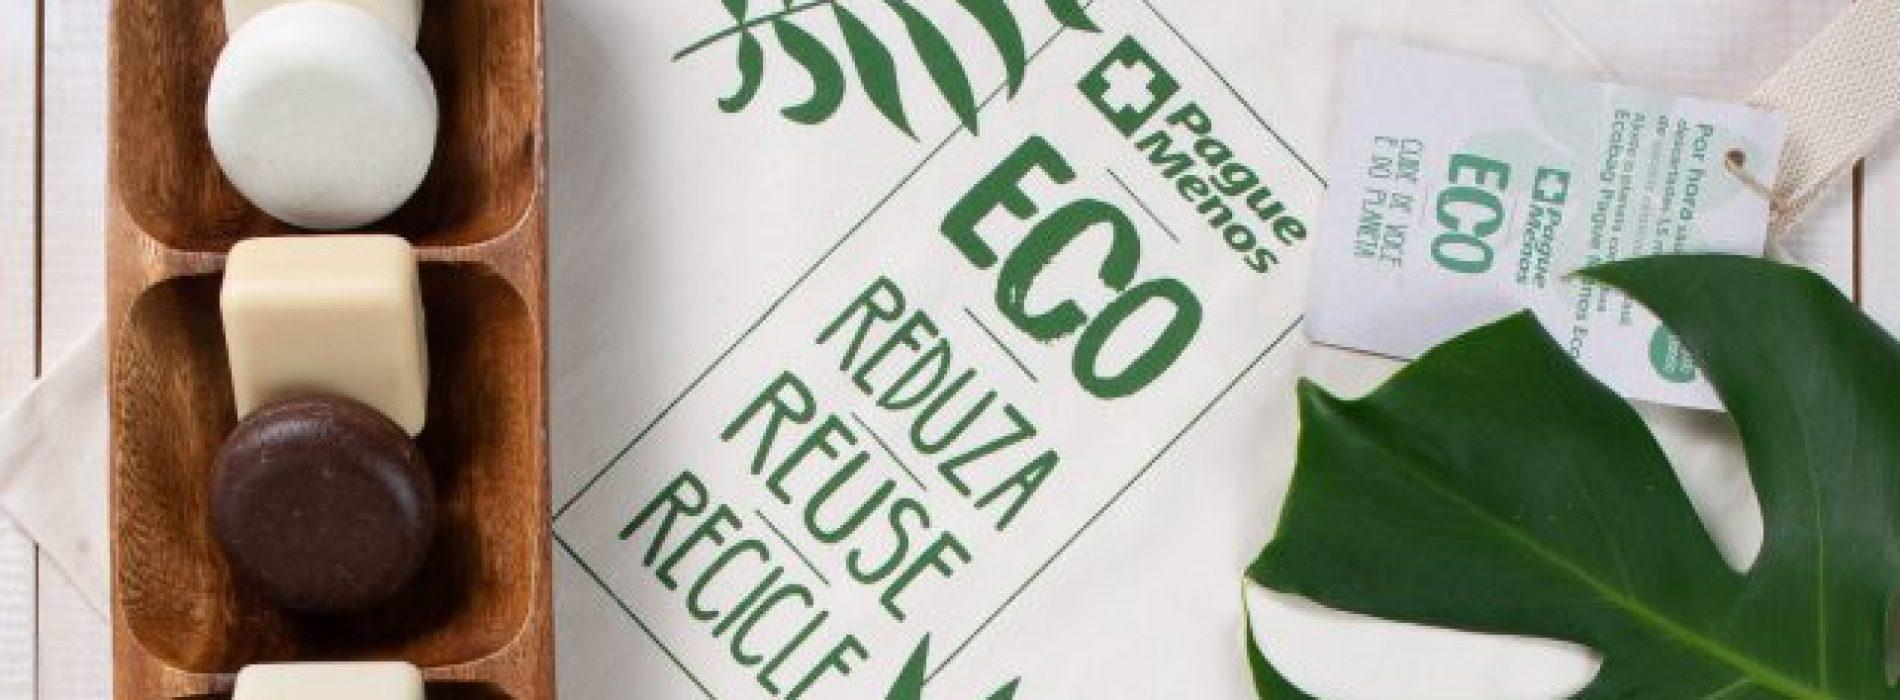 Marcas Próprias da Pague Menos lança linha de shampoos e condicionadores sólidos ECO